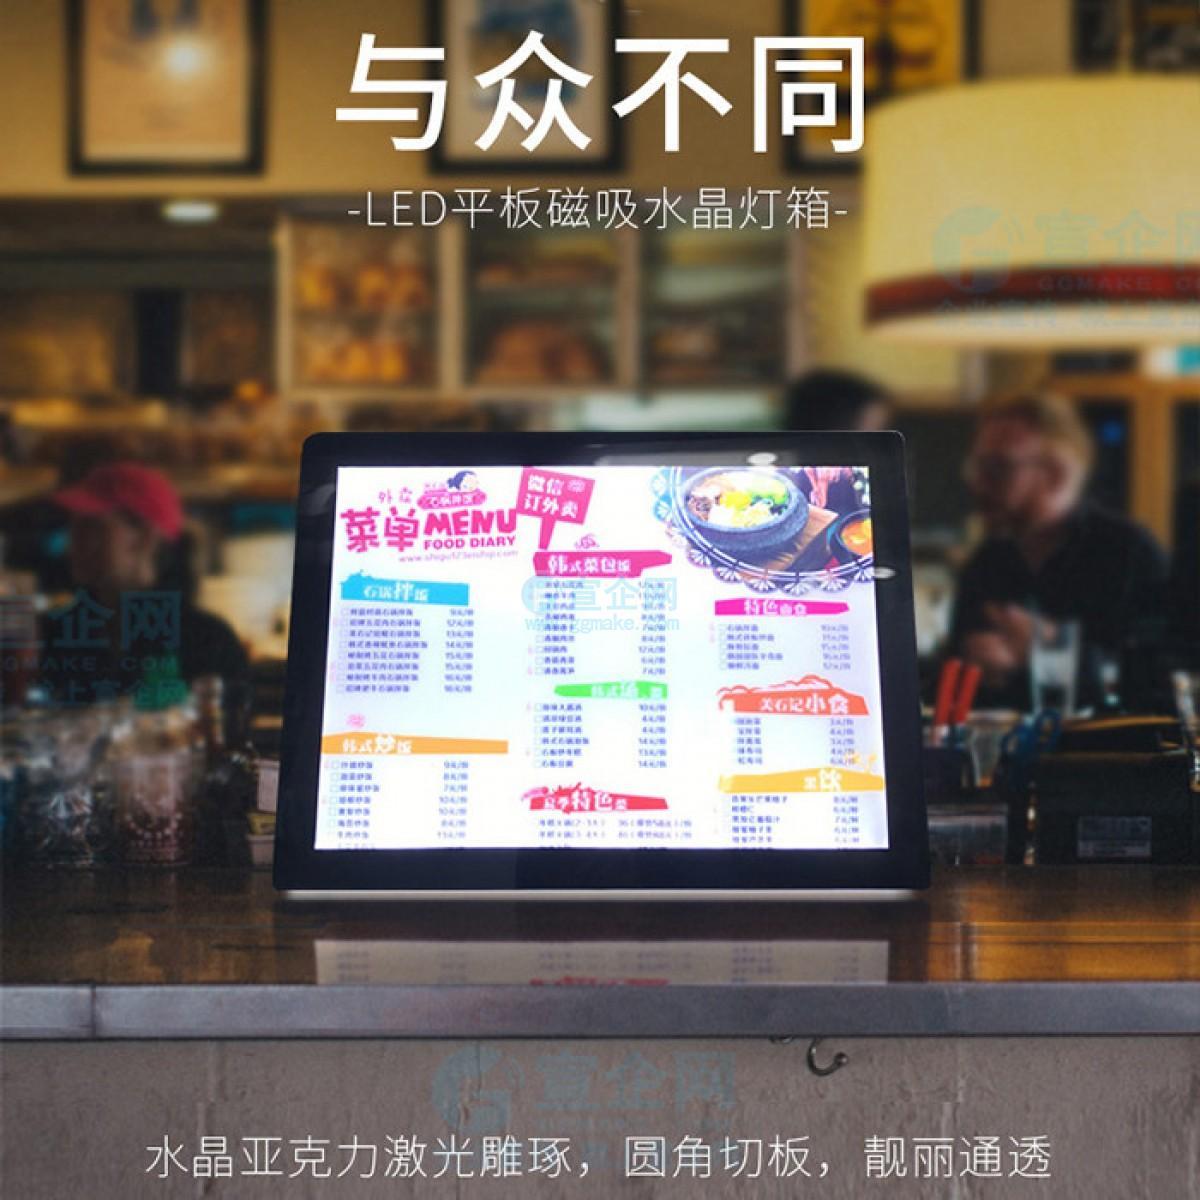 led磁吸水晶灯箱超薄 奶茶店吧台式价目表点餐牌a3菜牌广告牌定做